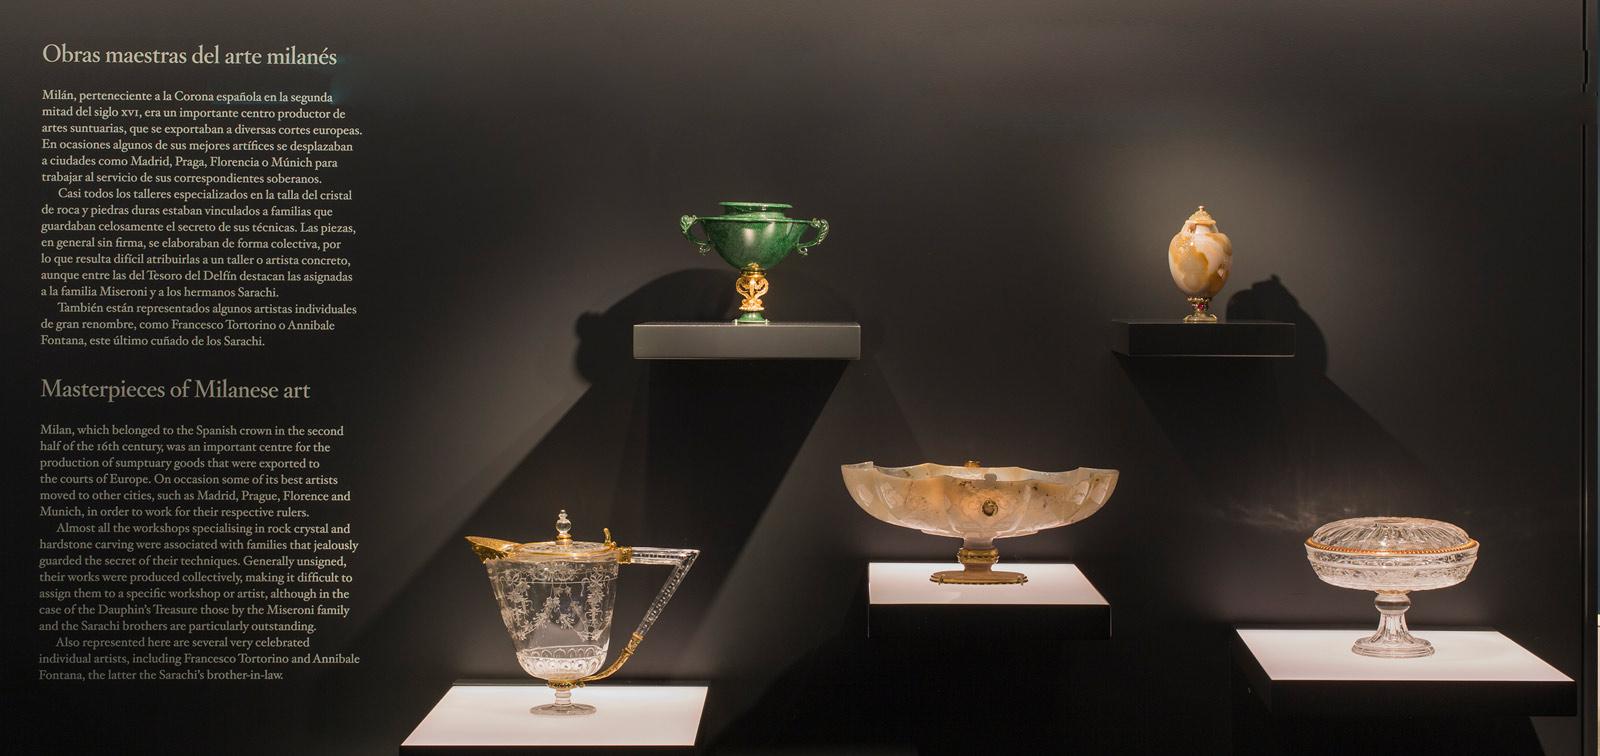 El tesoro del Delfín II. Instalación y restauración